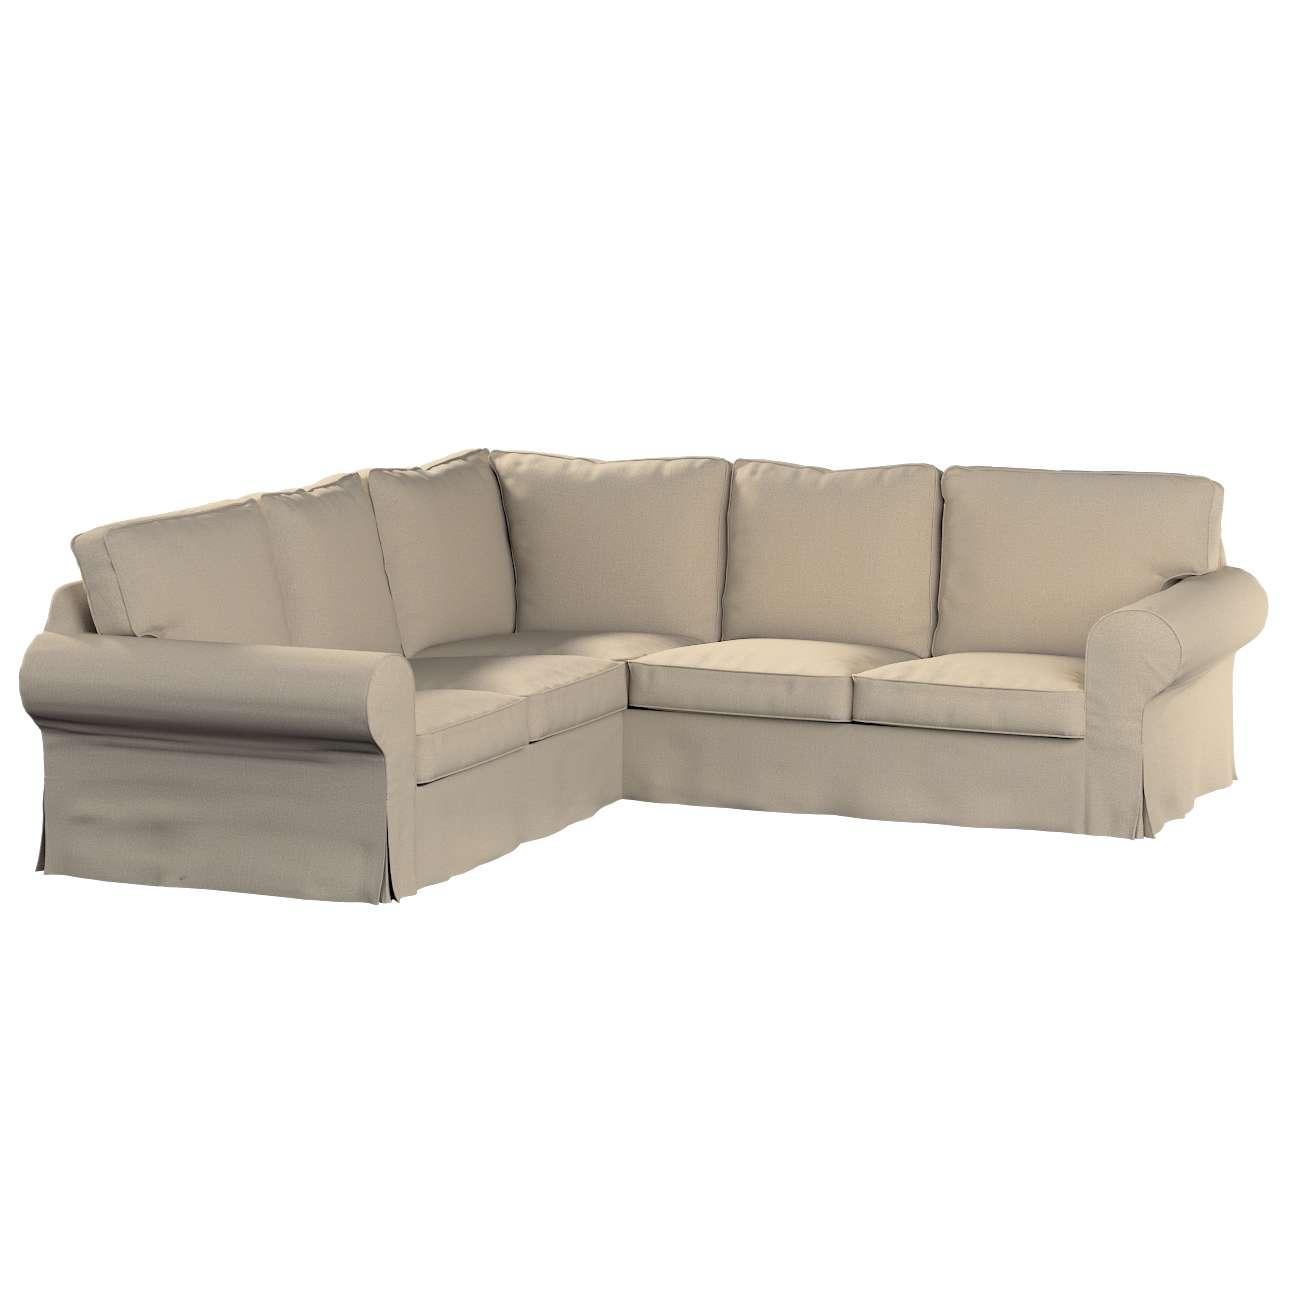 Pokrowiec Ektorp na sofę w kolekcji Edinburgh, tkanina: 115-78